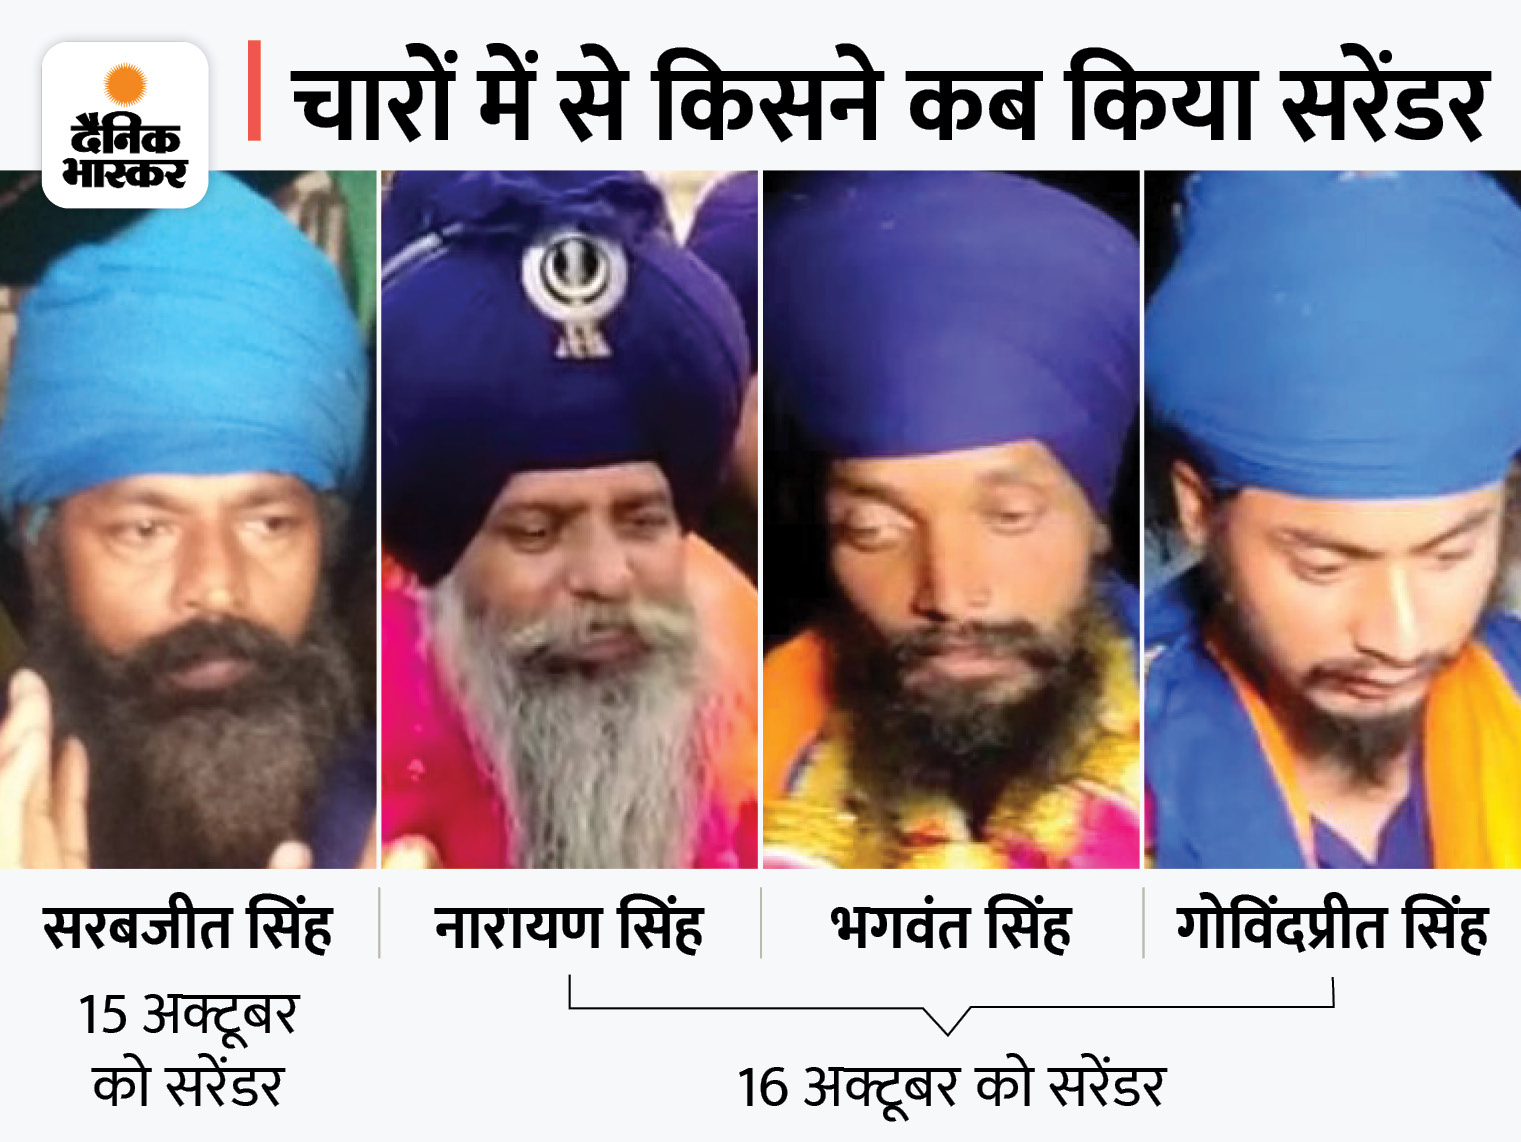 पुलिस ने तीसरी बार नहीं मांगी निहंगों की रिमांड, कोर्ट ने चारों को 14 दिन के लिए जेल भेजा देश,National - Dainik Bhaskar